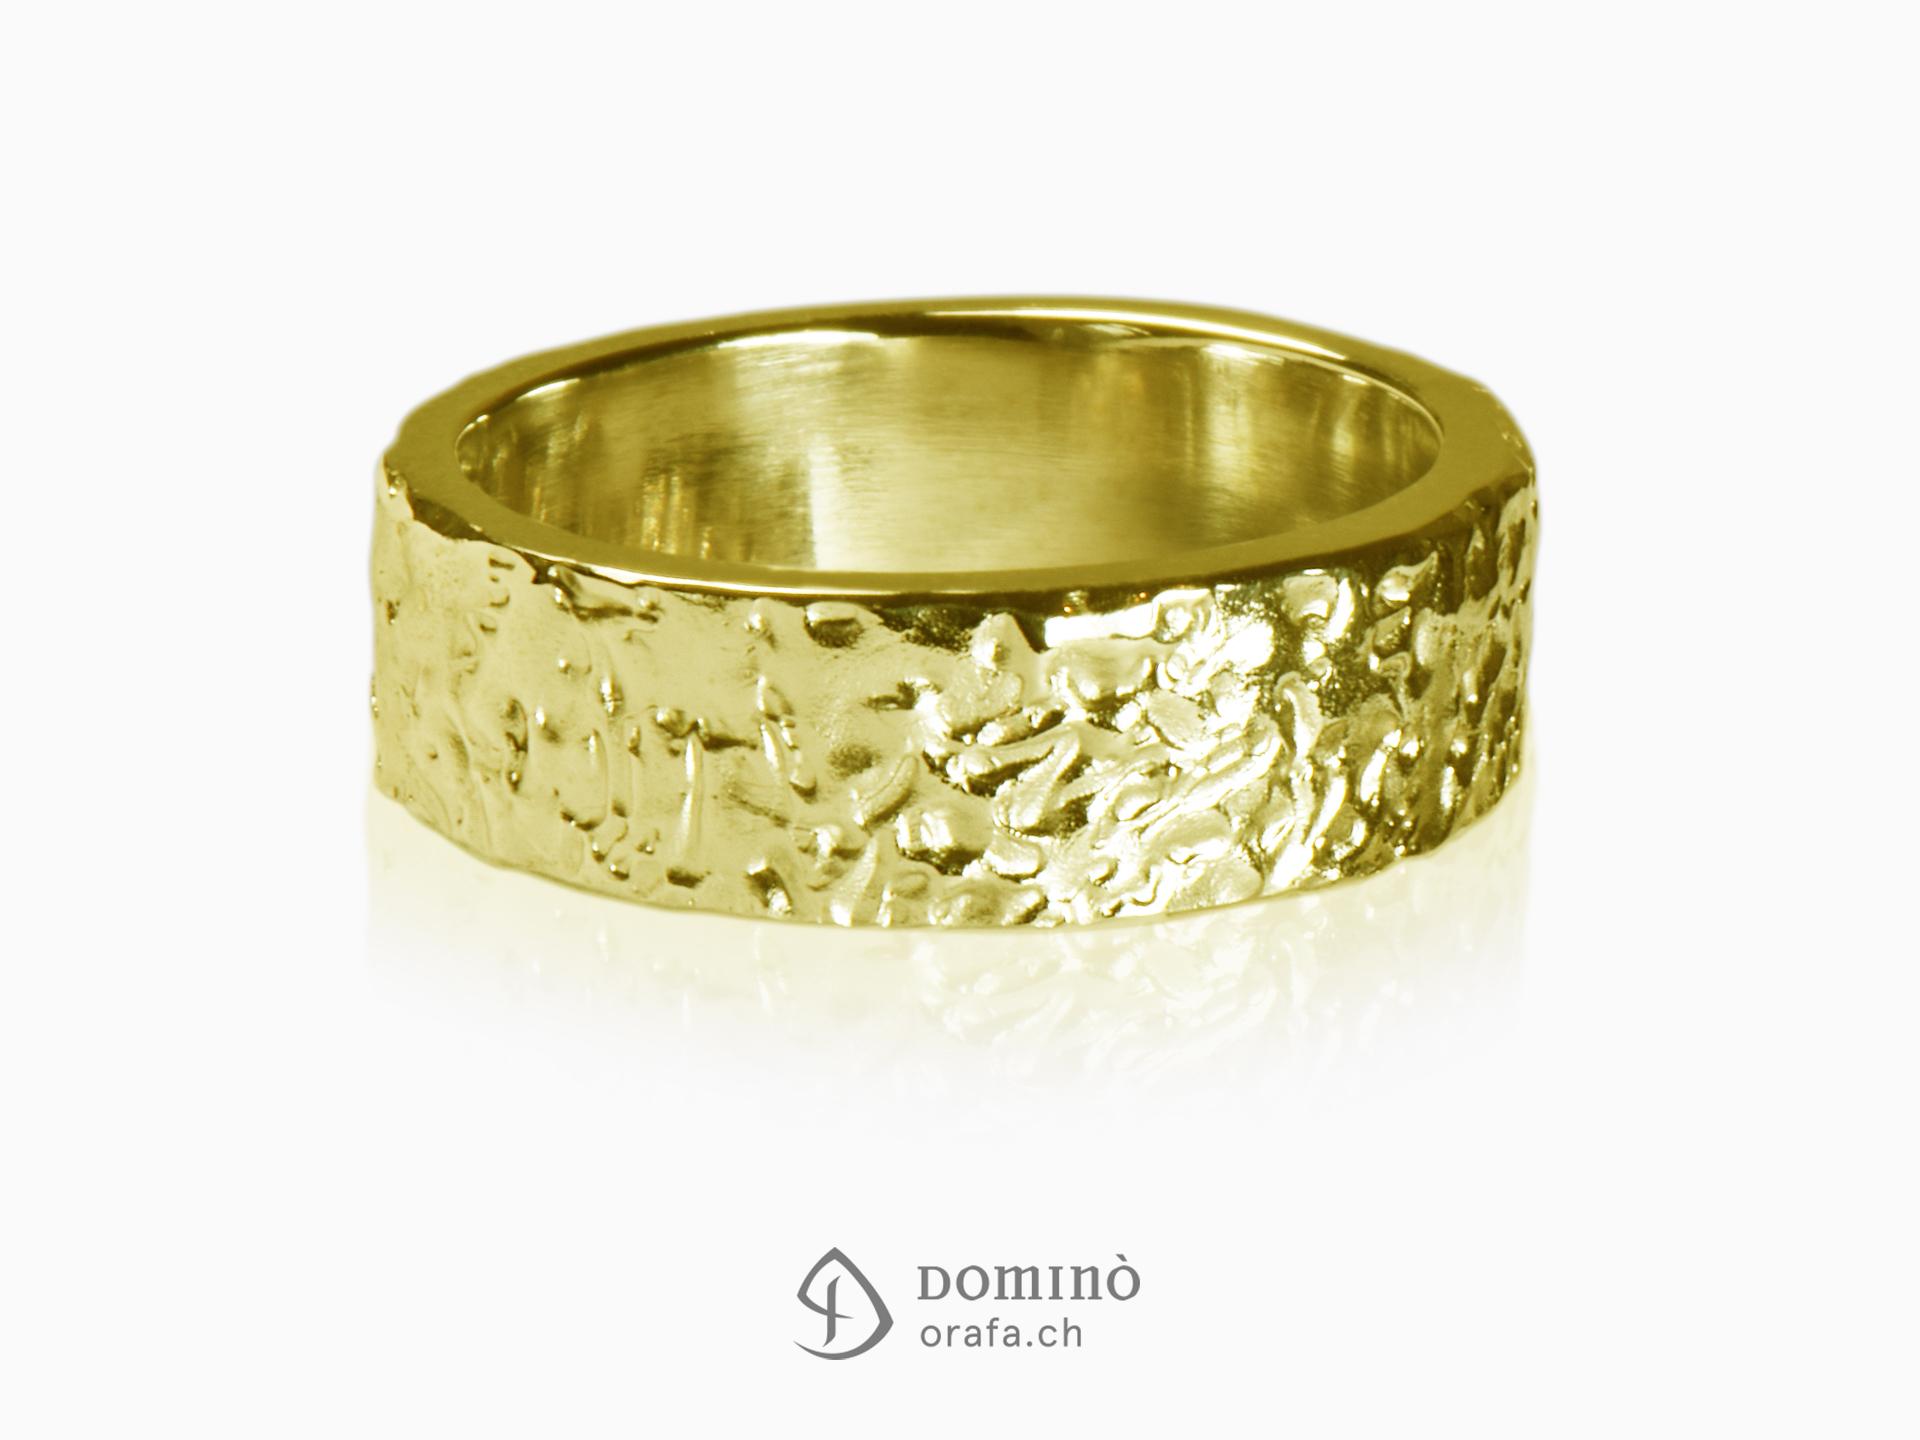 Rugiada rings